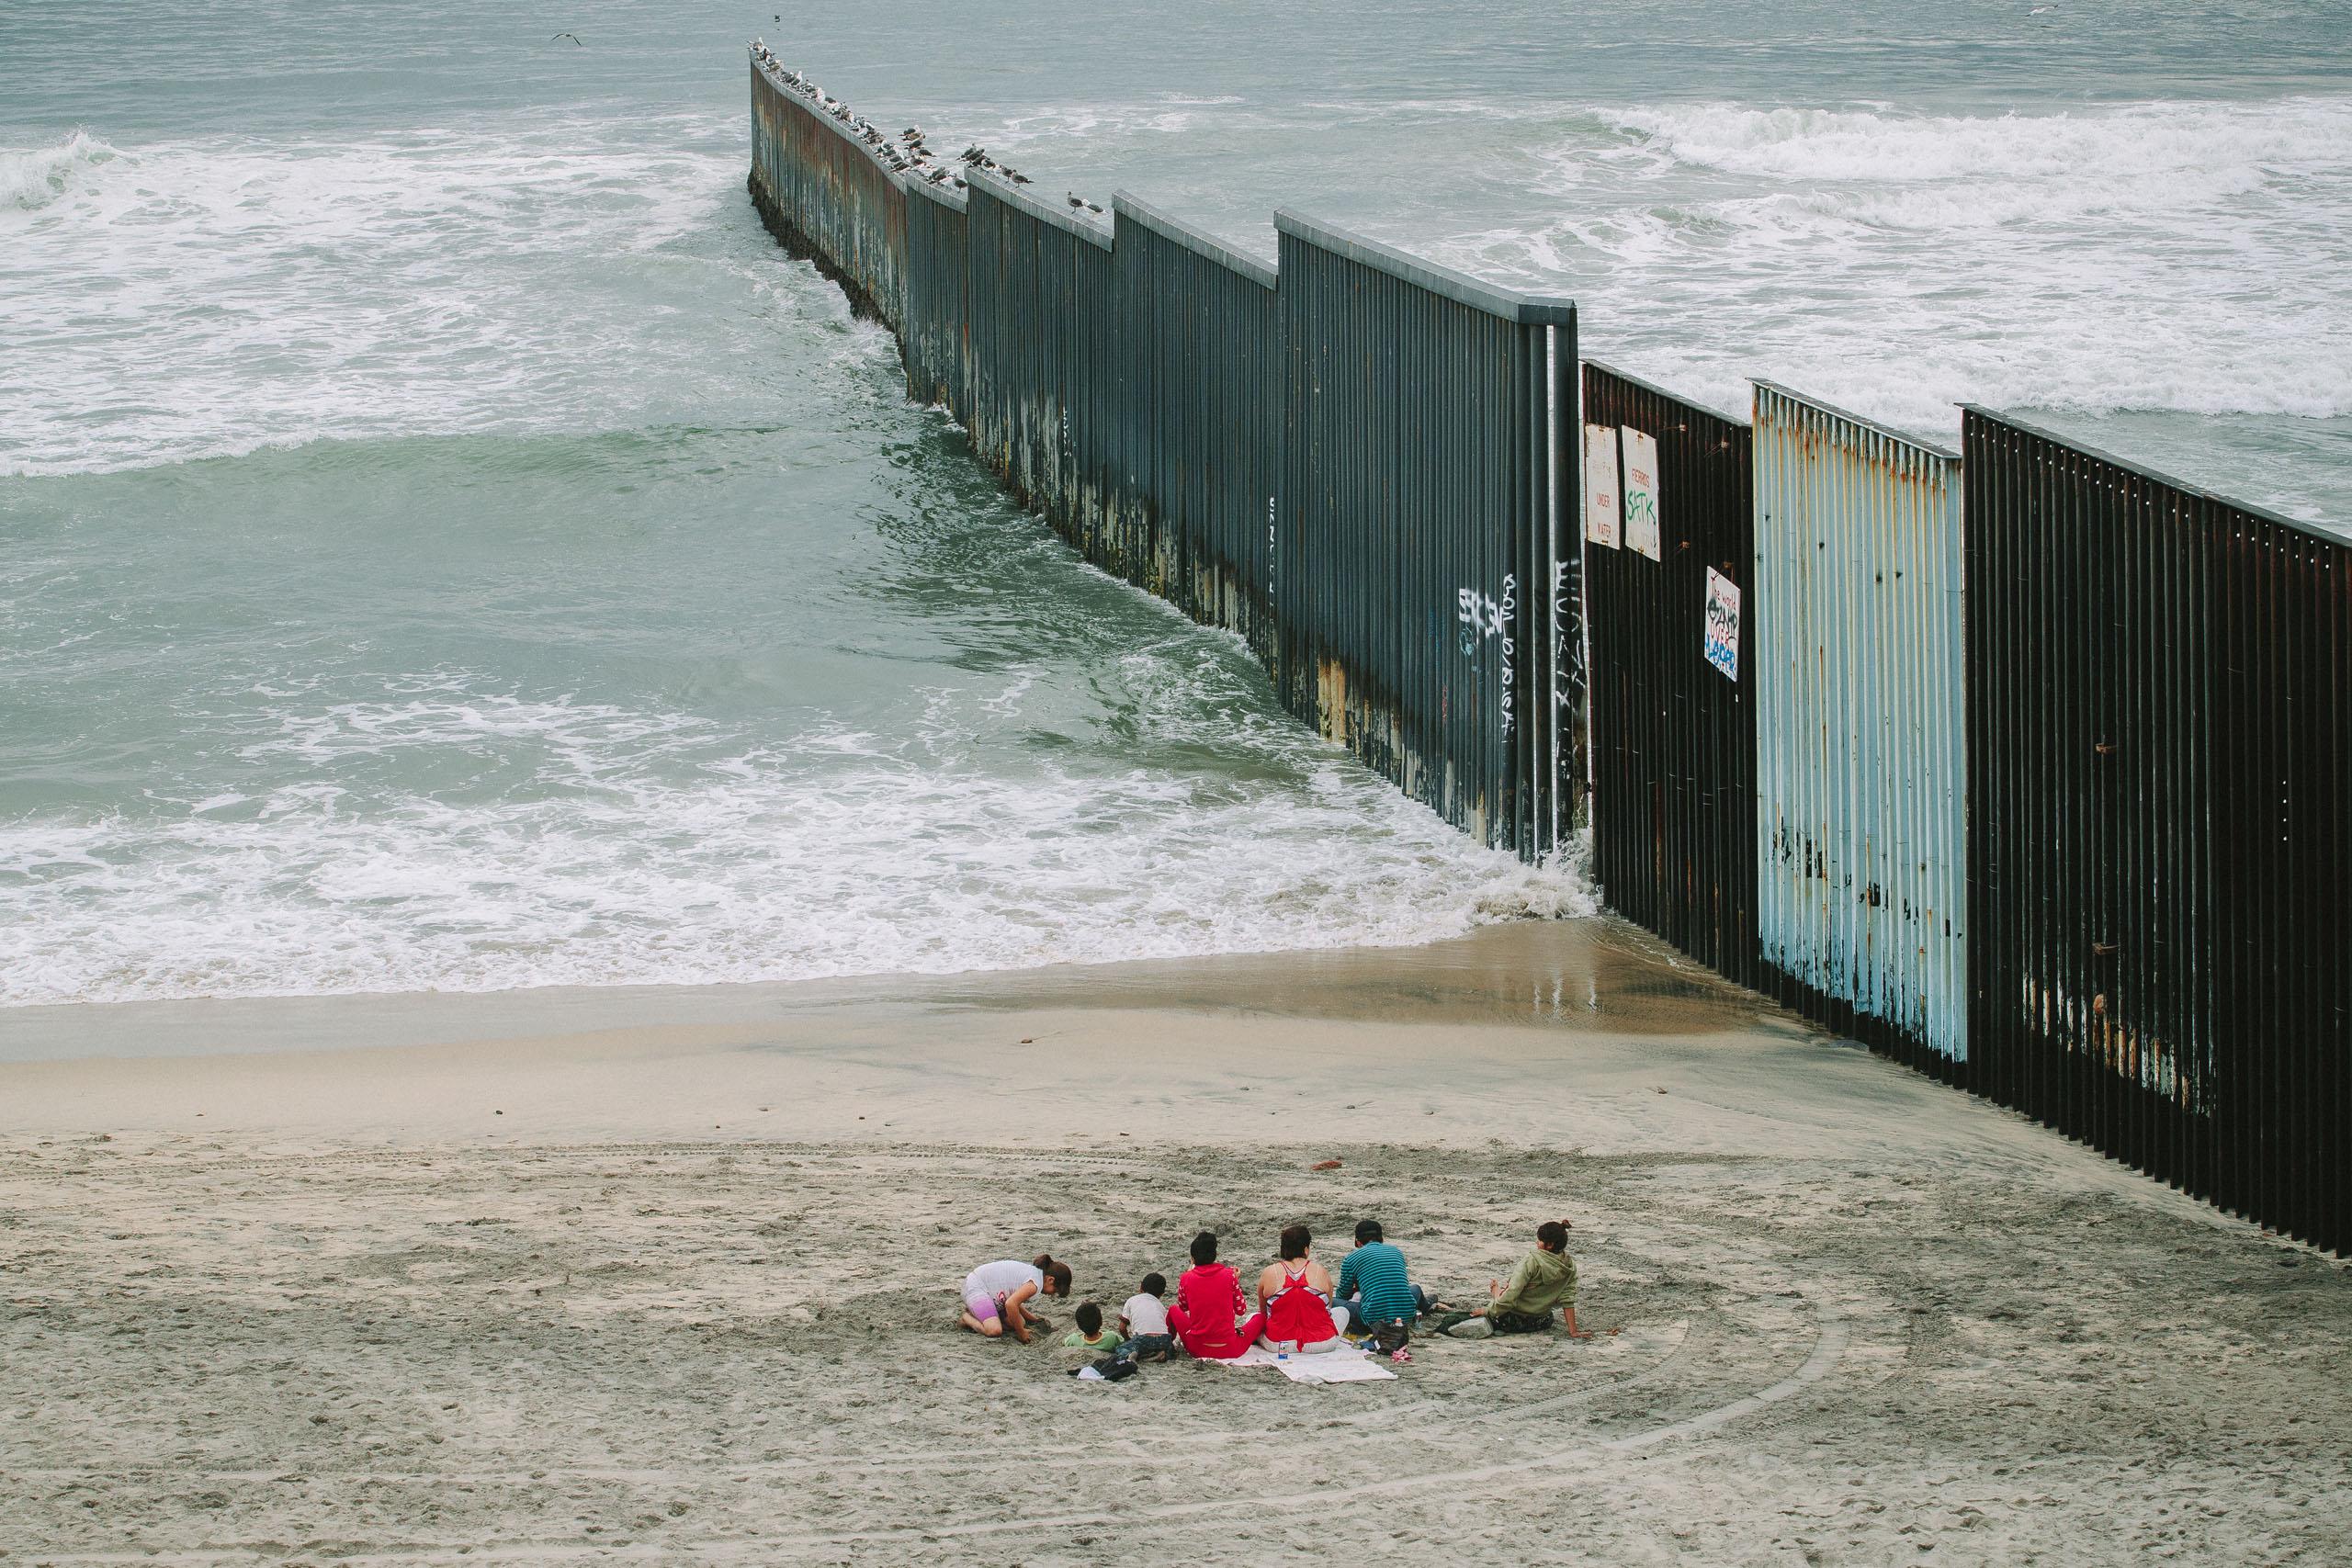 US-Mexico Border extends into ocean